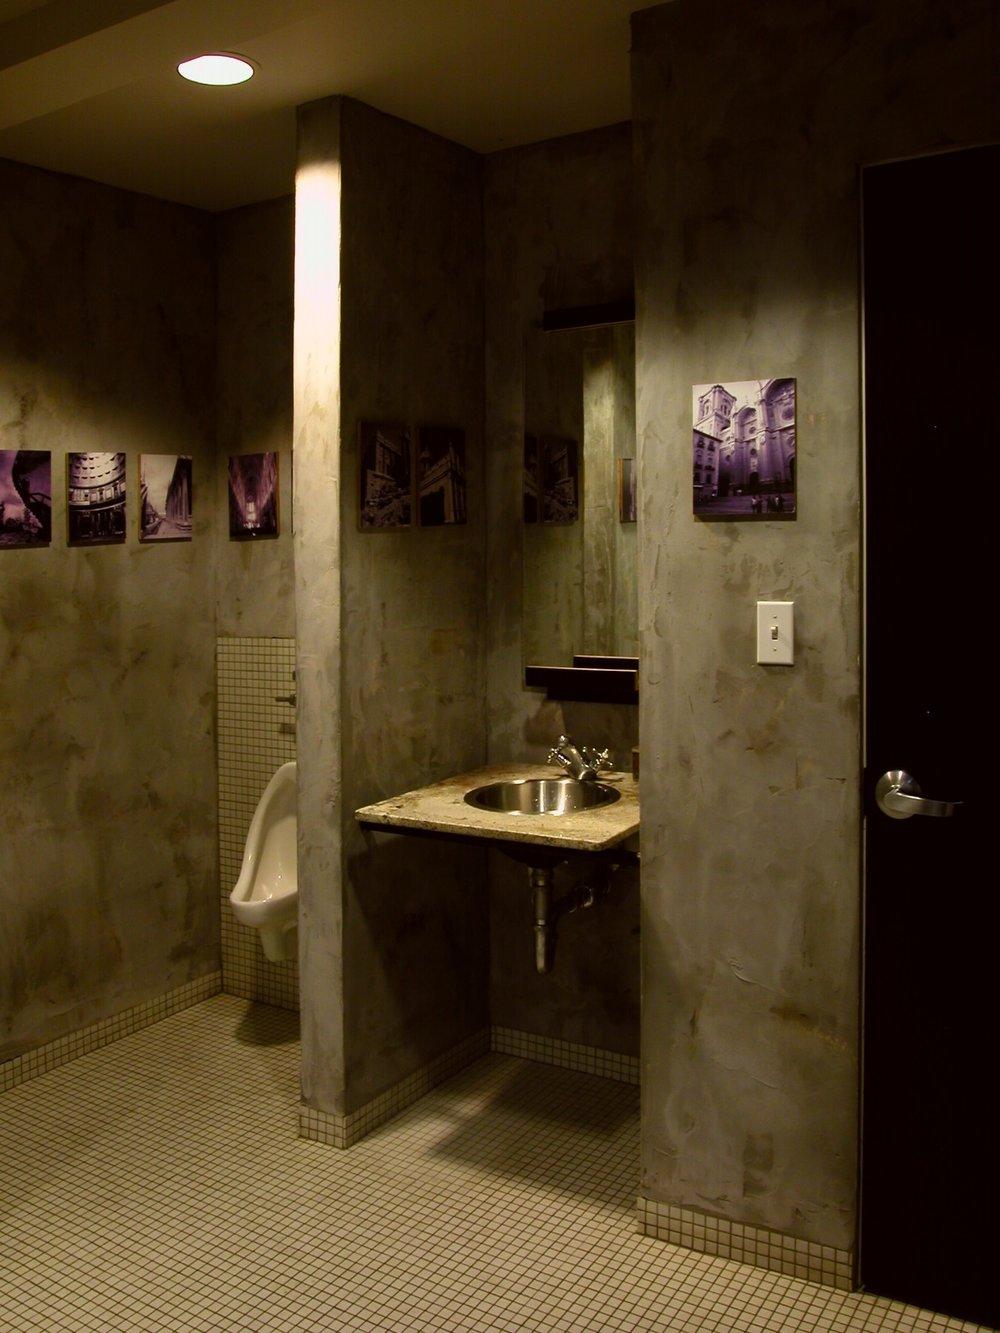 richter office-restroom.jpg